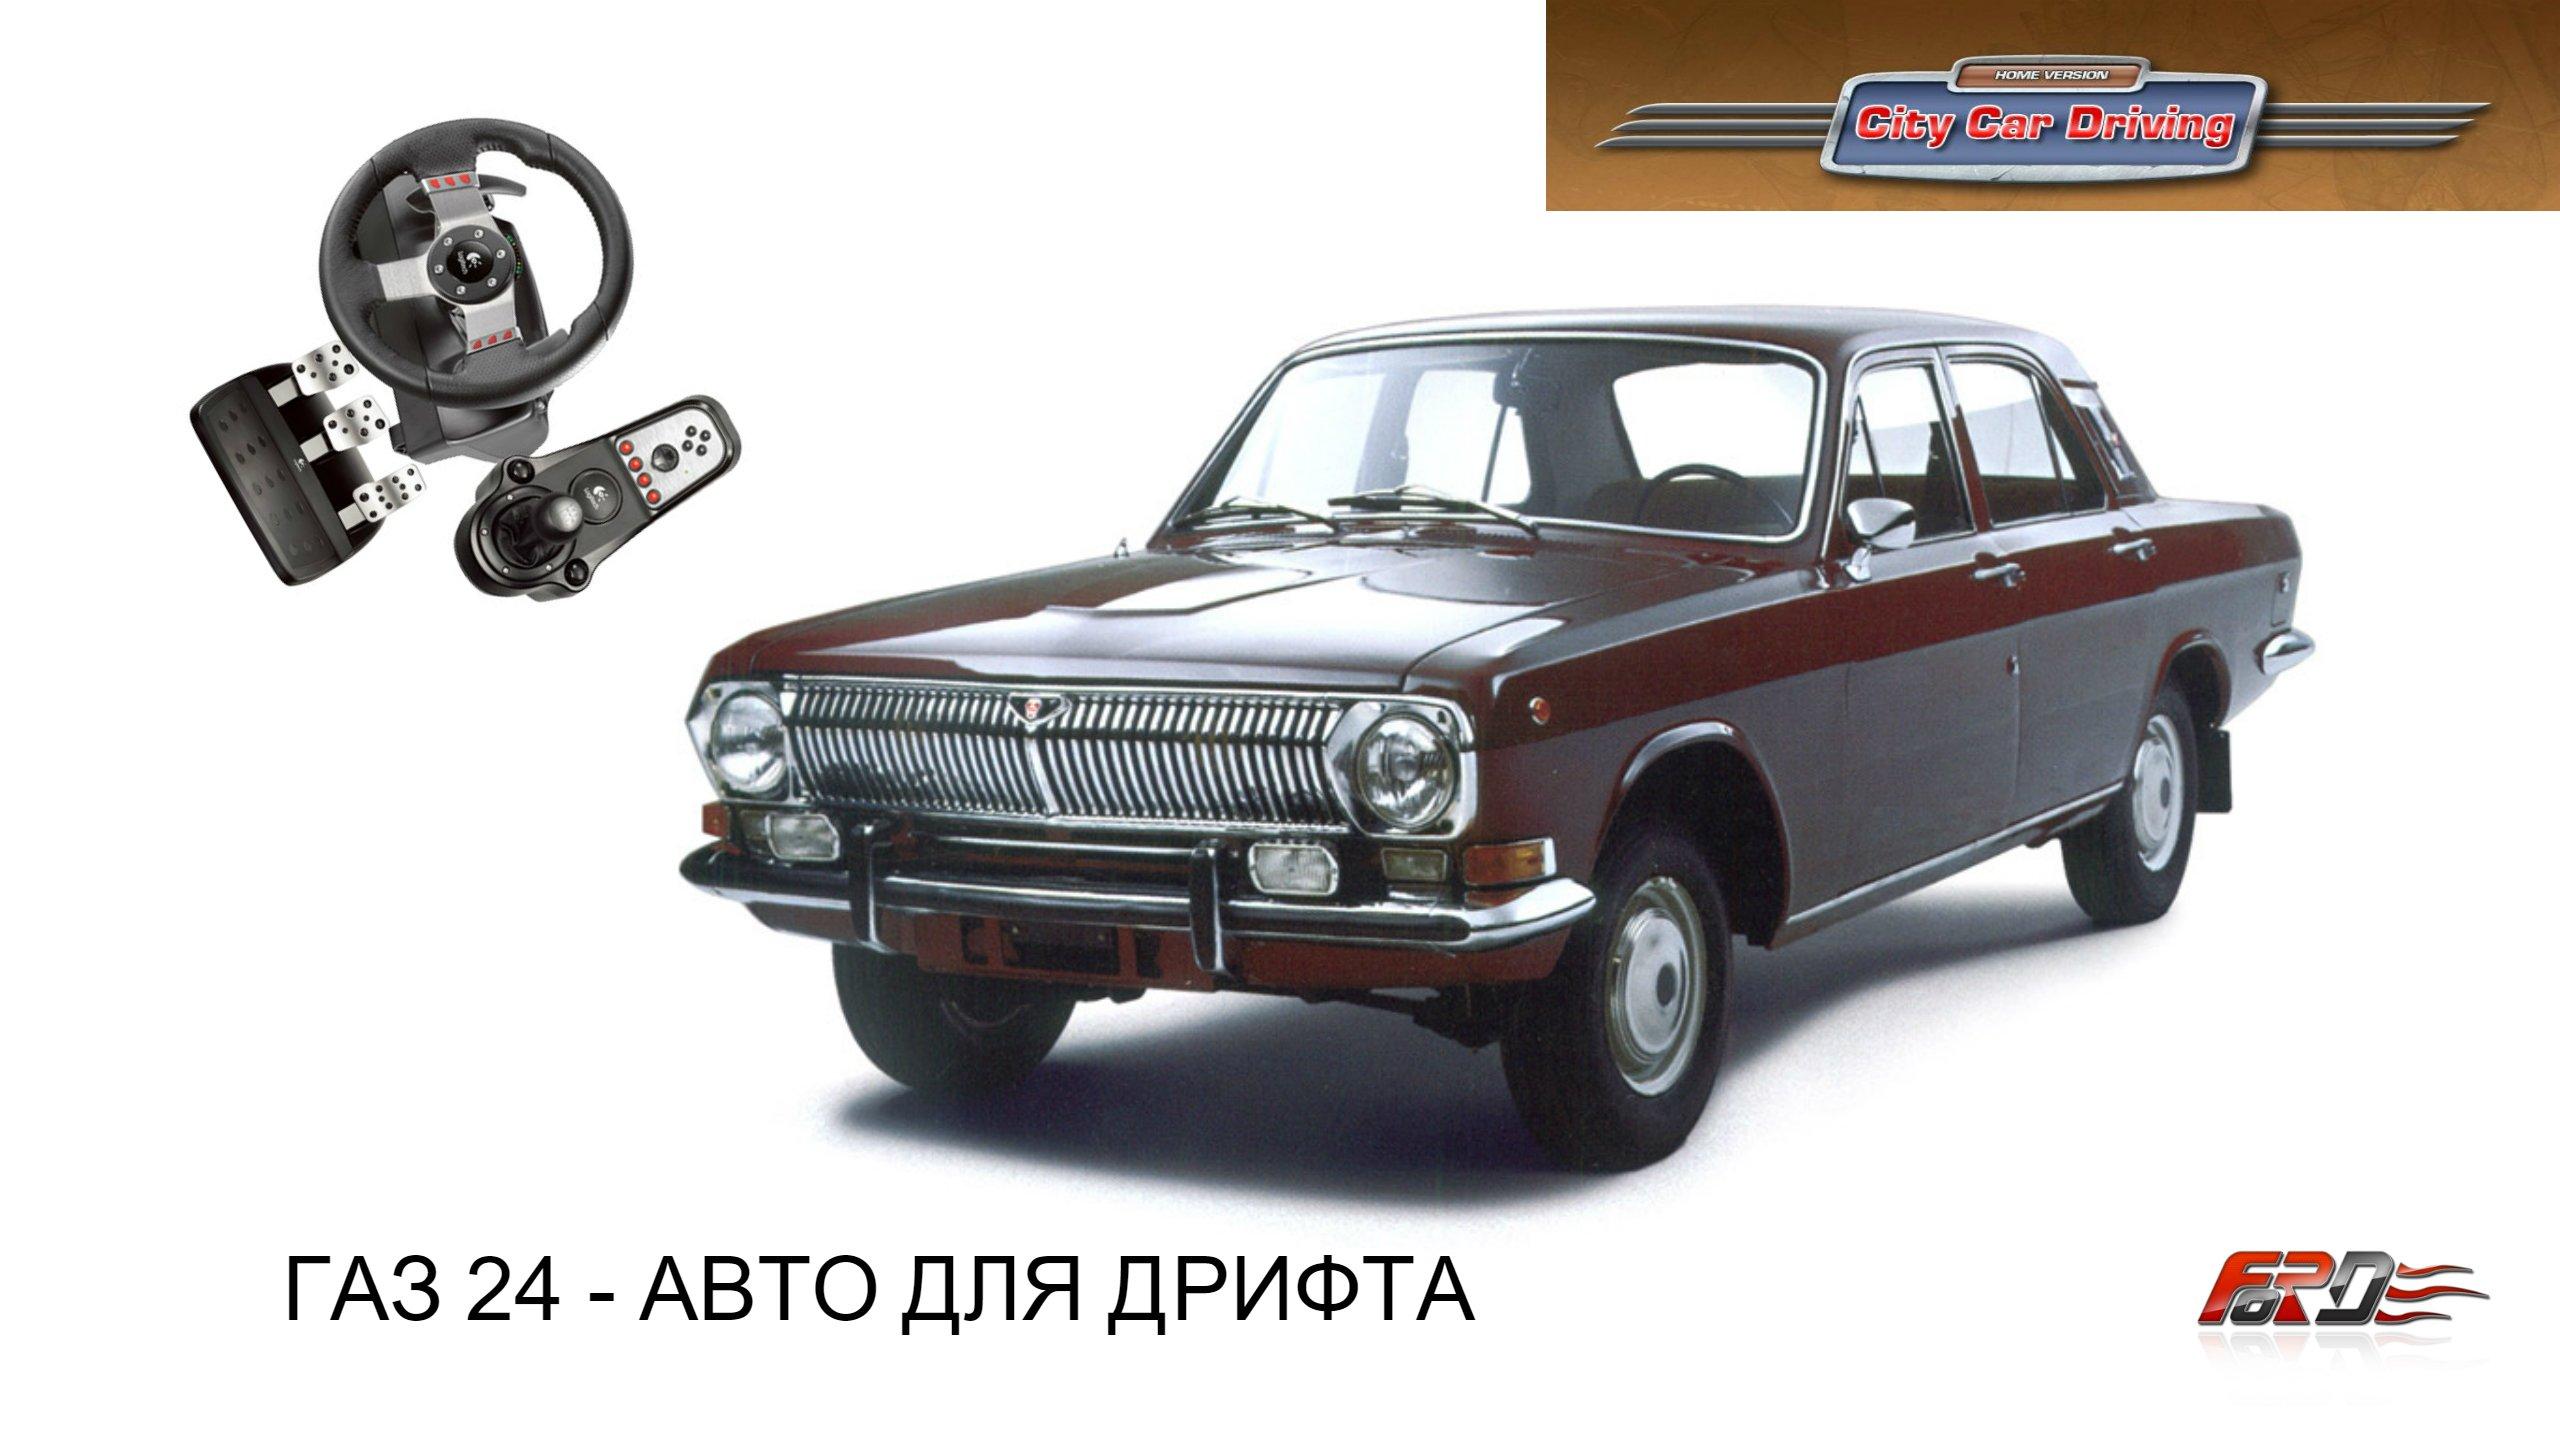 Газ 24 Волга тюнинг (tuning), дрифт (drift)- тест-драйв, обзор, двигатель Toyota City Car Driving - Изображение 1